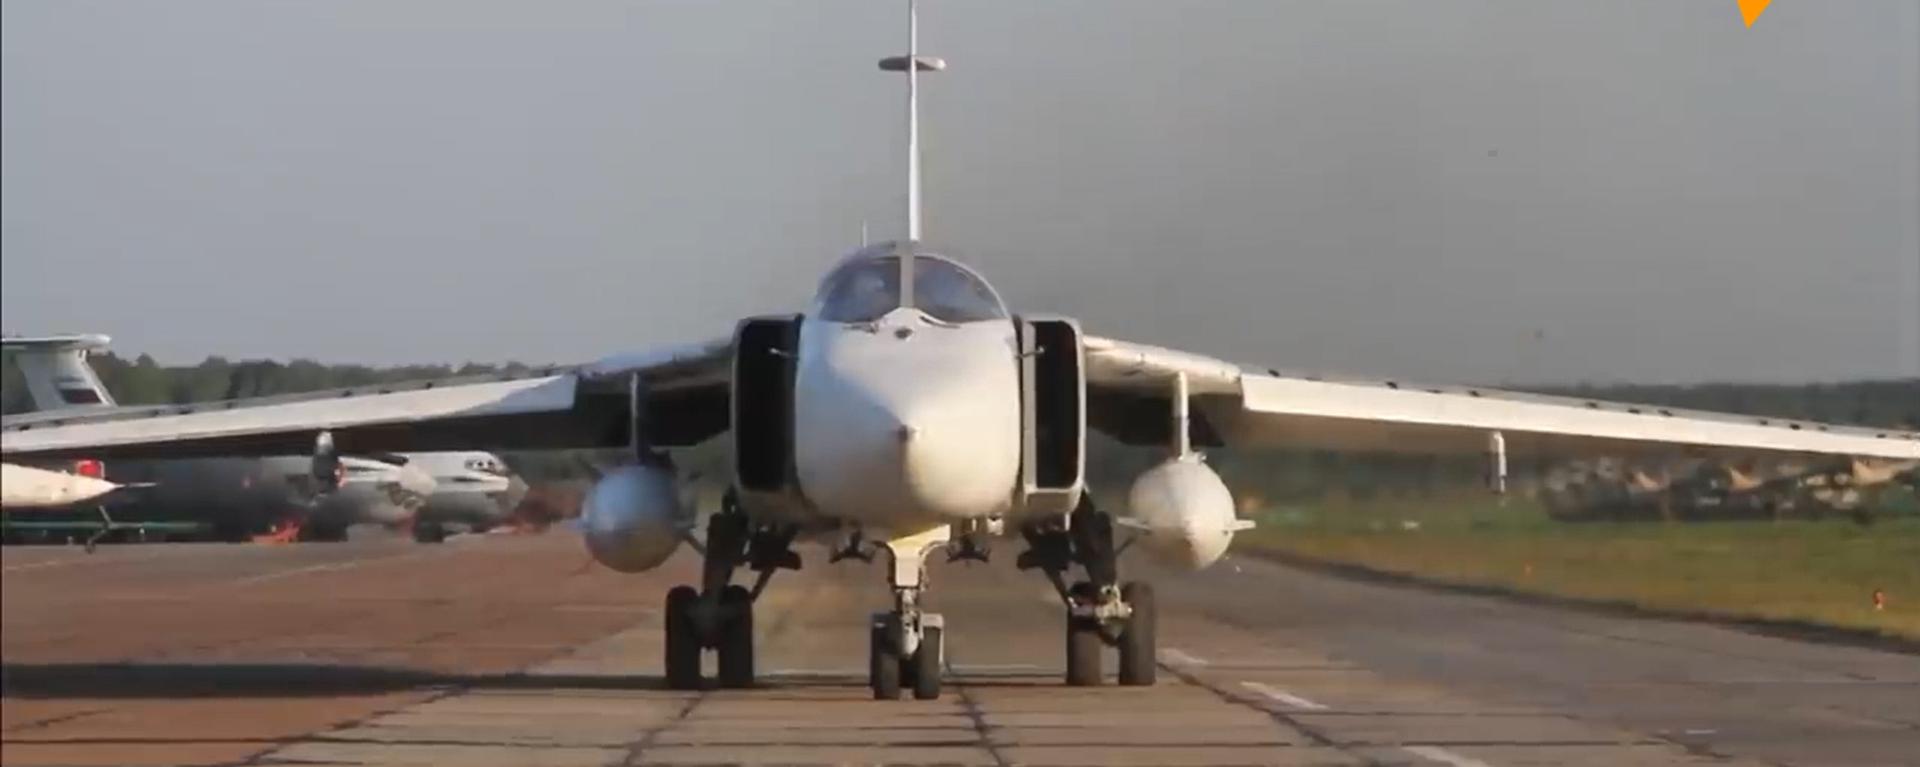 Ruské Ministerstvo obrany zveřejnilo video ničení objektů letadlem Su-34 - Sputnik Česká republika, 1920, 05.06.2021